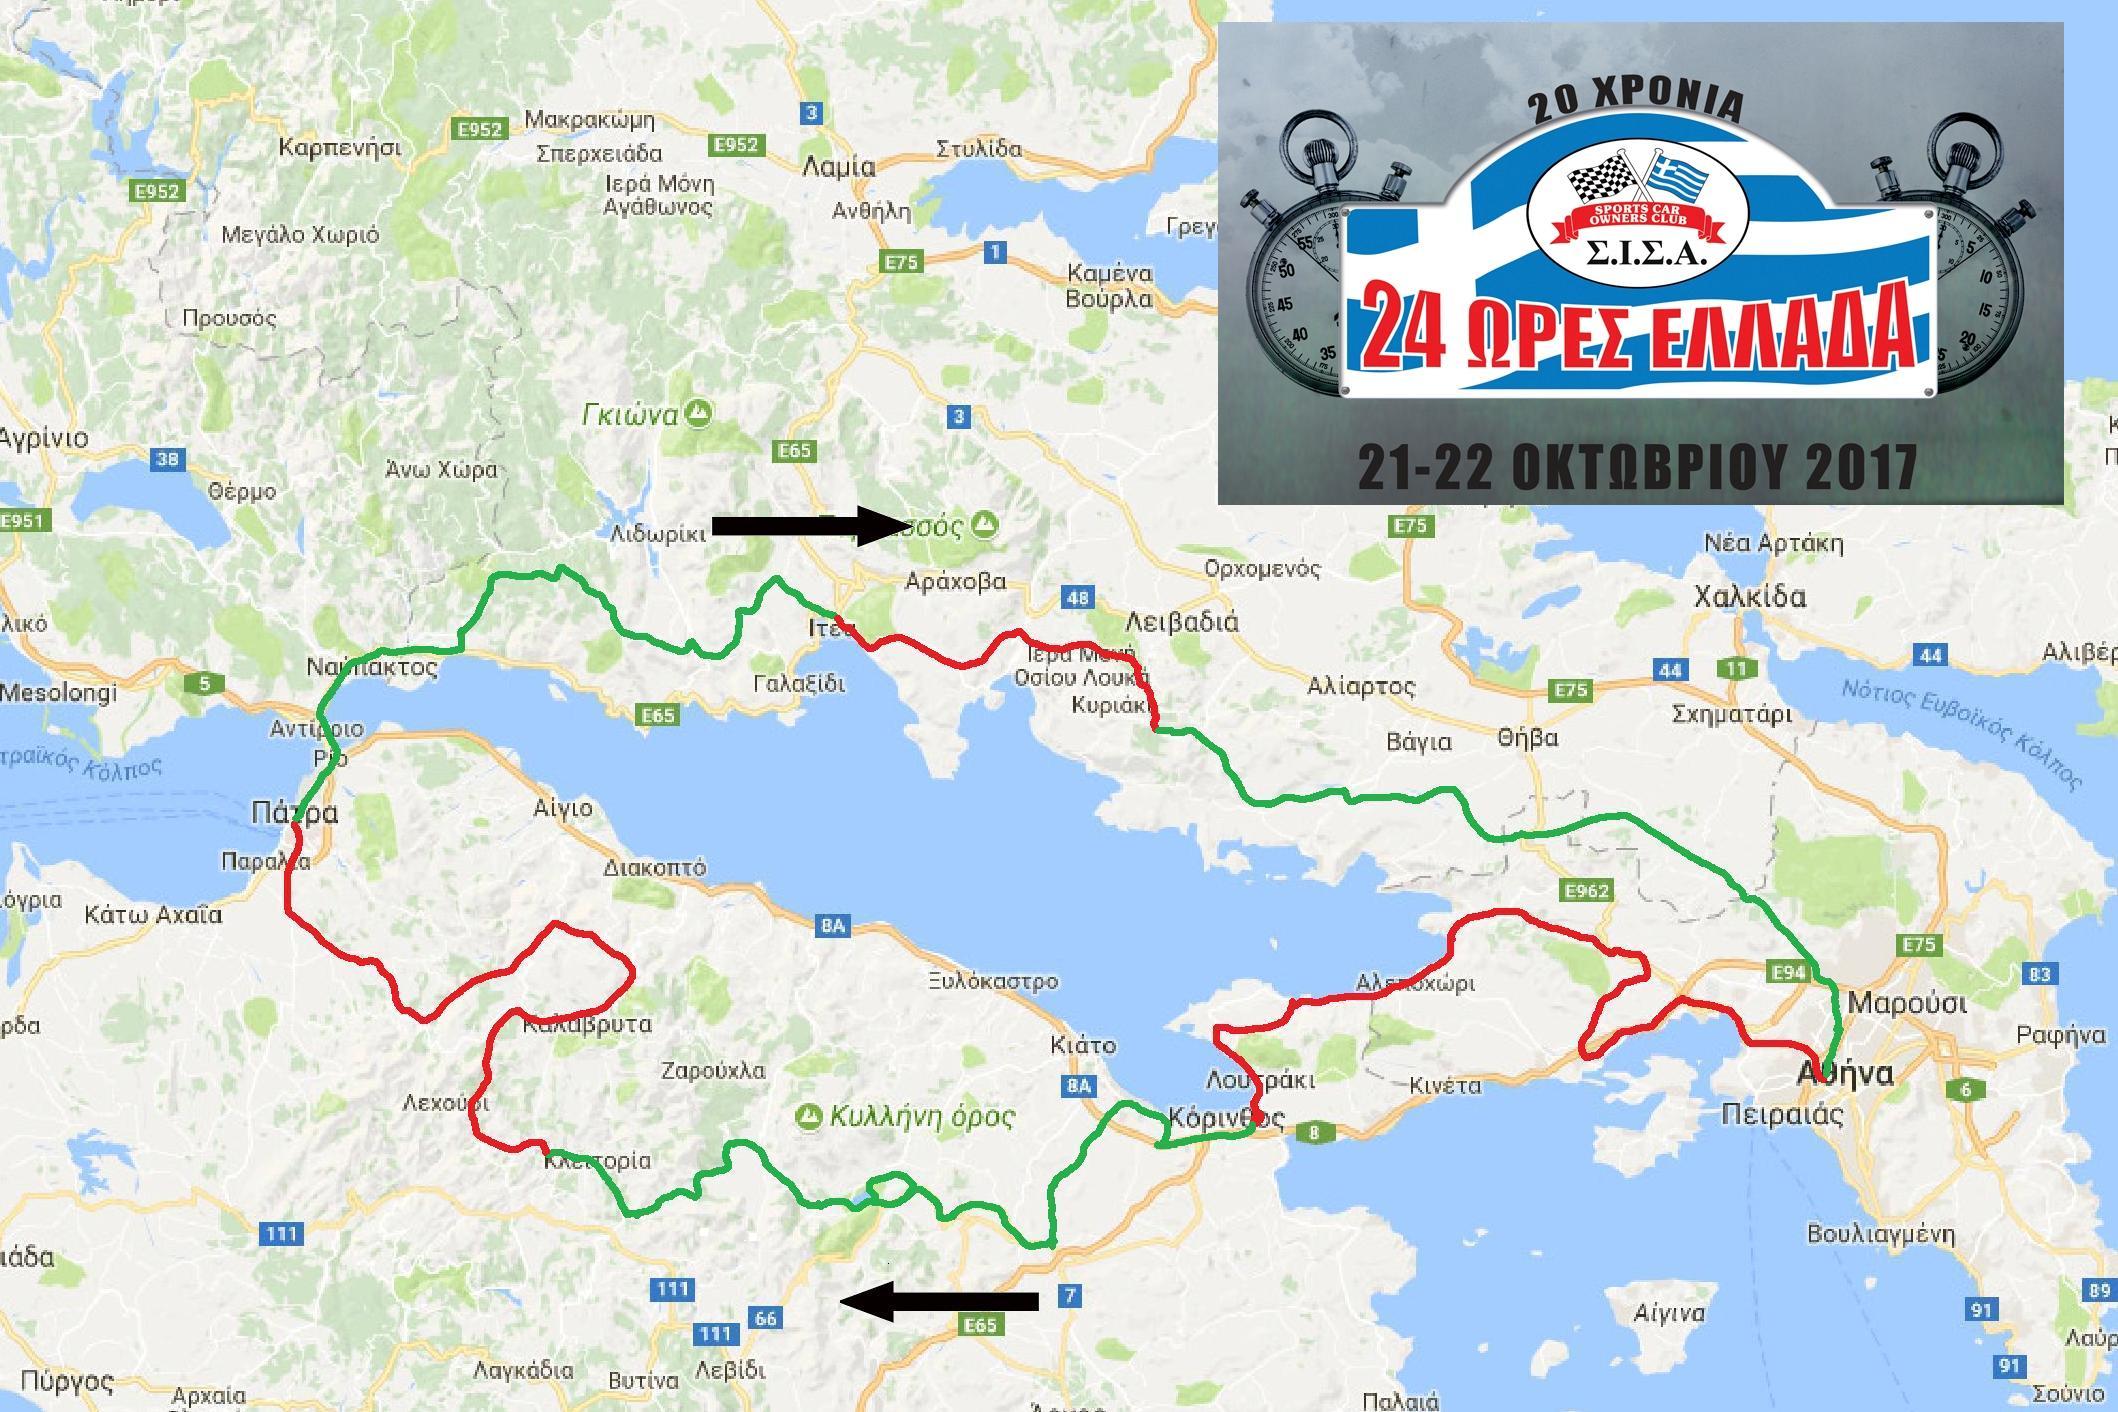 Εκκίνηση & τερματισμός στην Ακρόπολη Νυχτερινή ανασυγκρότιση στην Πάτρα 770 απαιτητικά χιλιόμετρα 25 ζόρικες Ειδικές Διαδρομές πολλαπλών χρονομετρήσεων